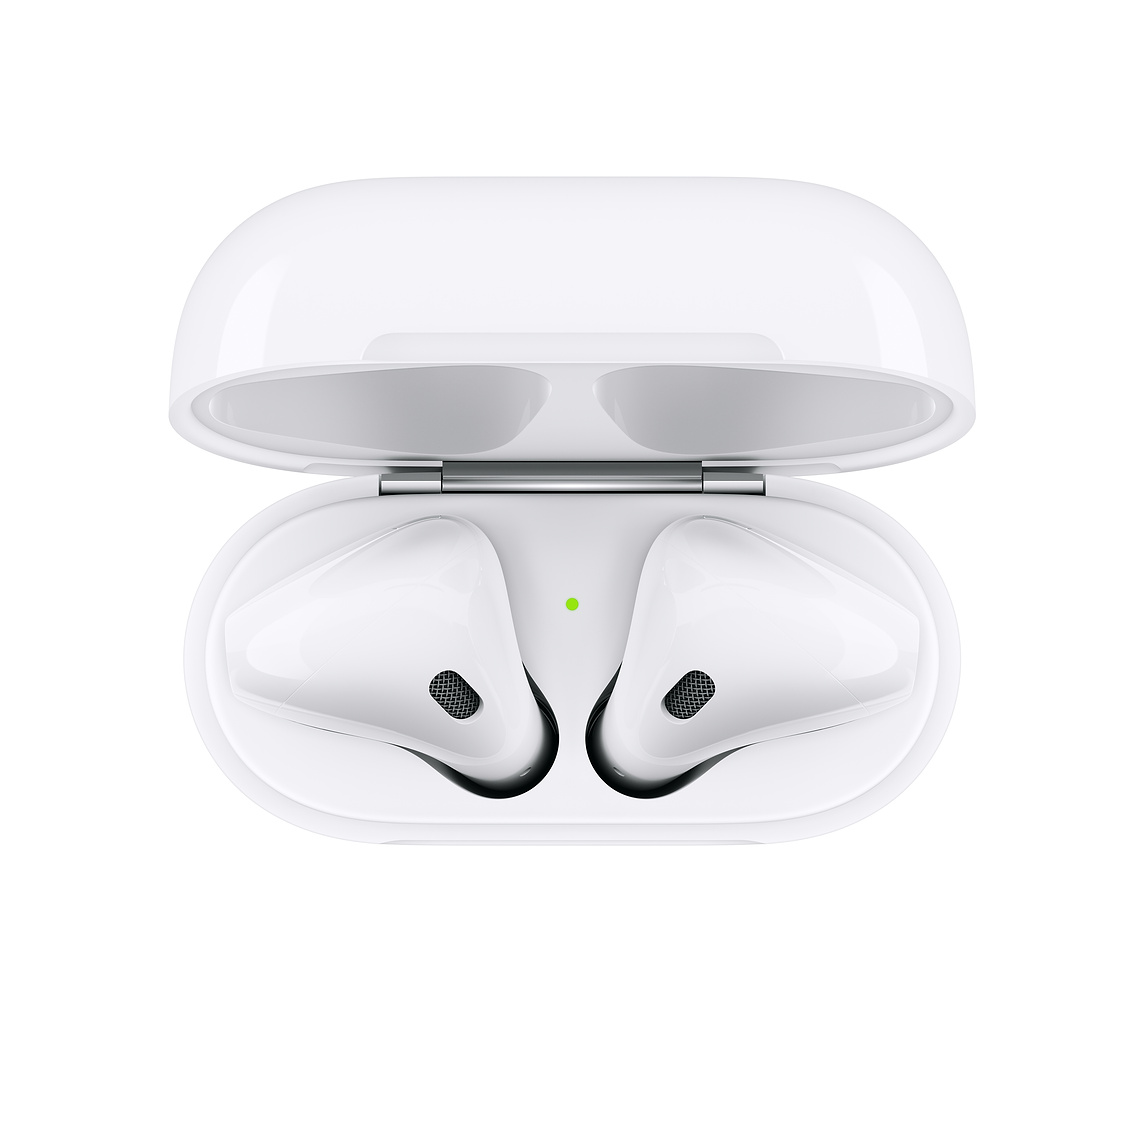 AirPods 1 i 2 Generacji. Jaka jest między nimi różnica? To wciąż słuchawki wyznaczające kierunek!